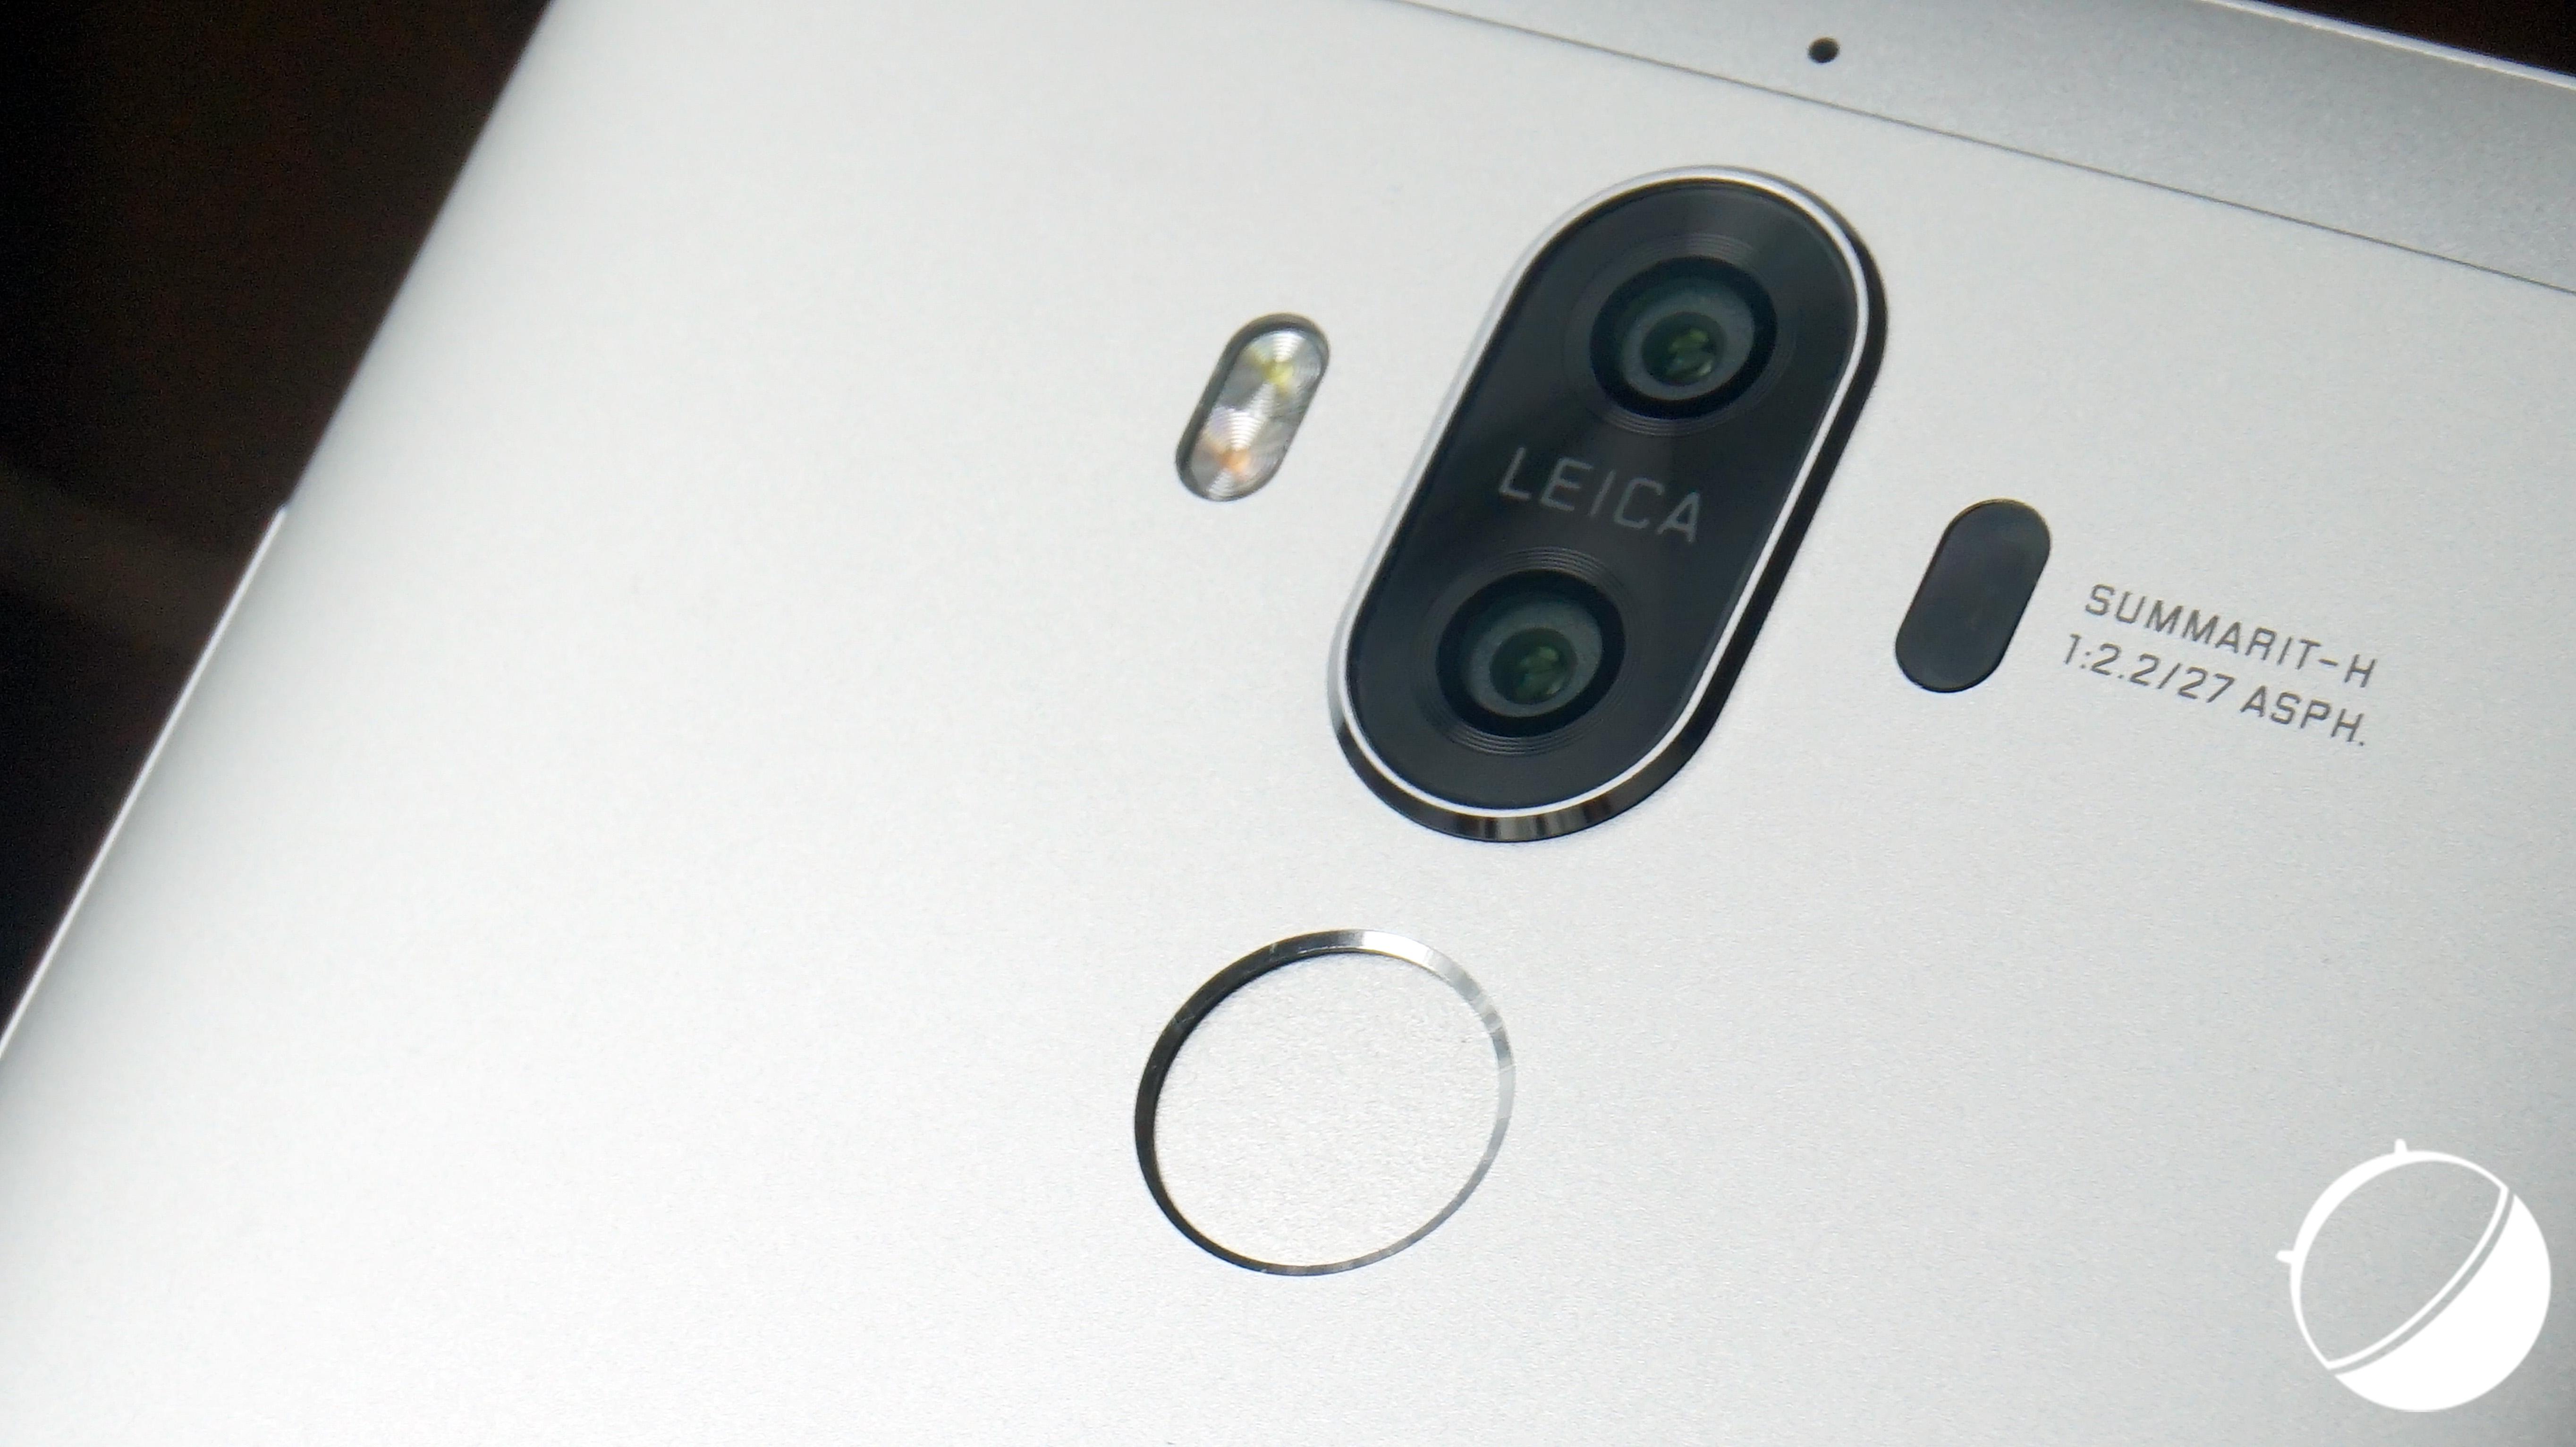 Le Huawei Mate 9 obtient un très bon résultat sur DxOMark